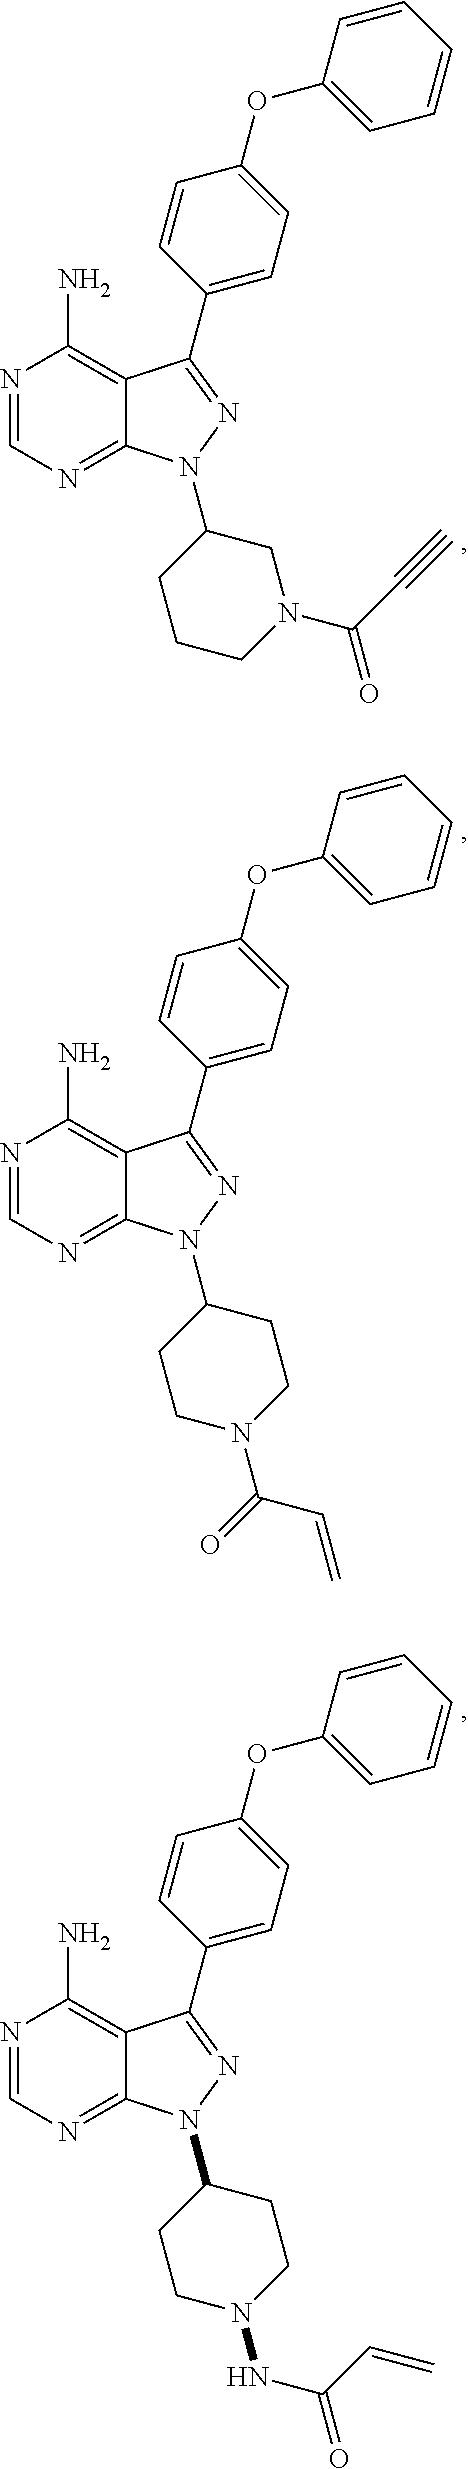 Figure US08999999-20150407-C00043